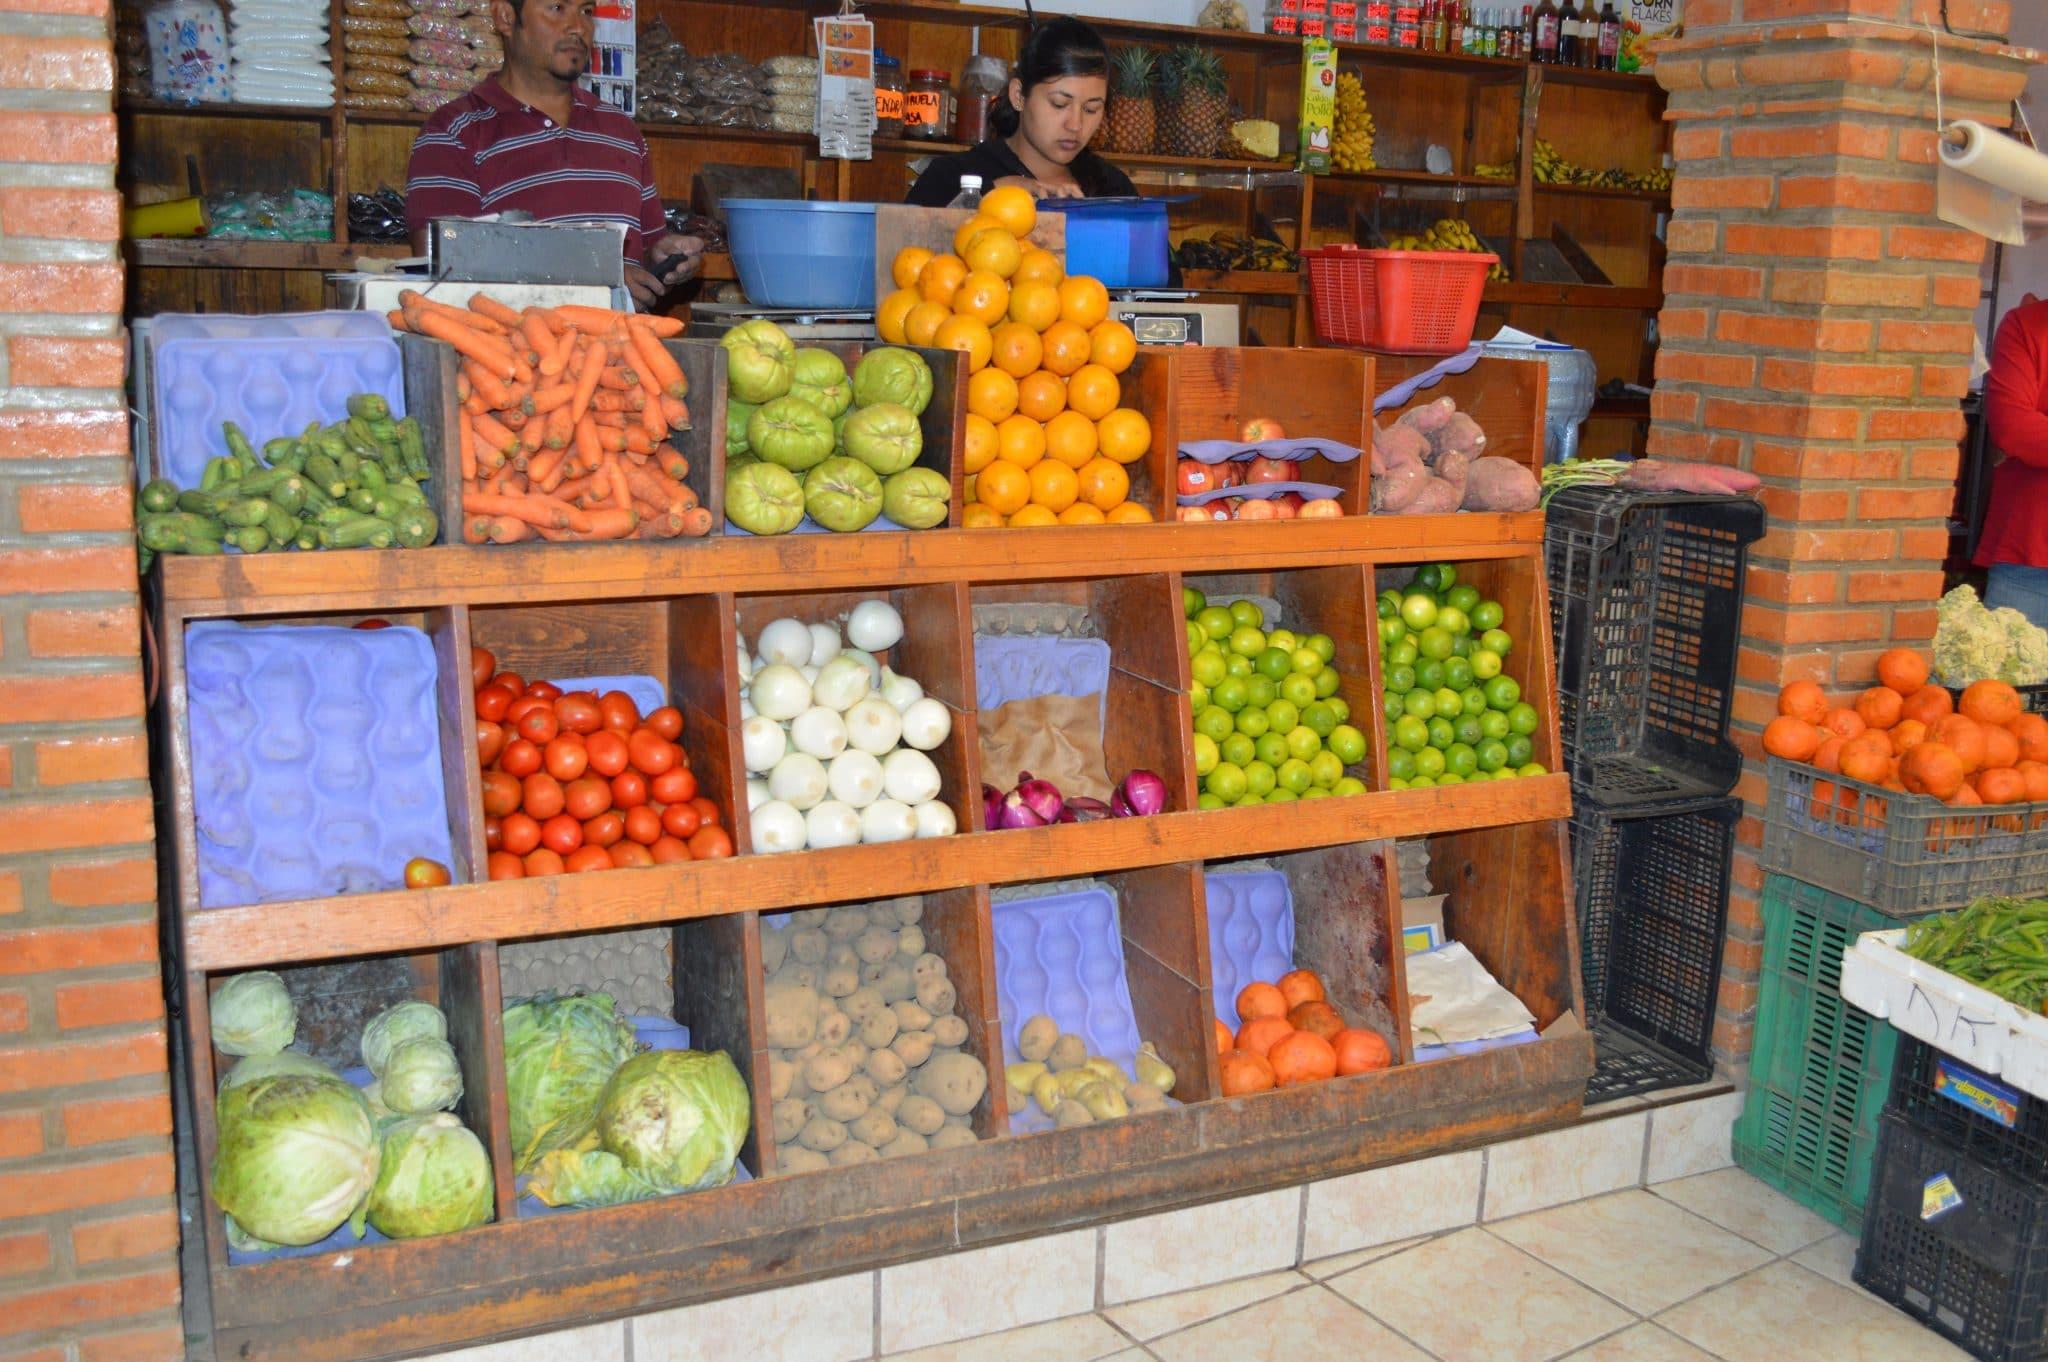 fruit market, vegetable market